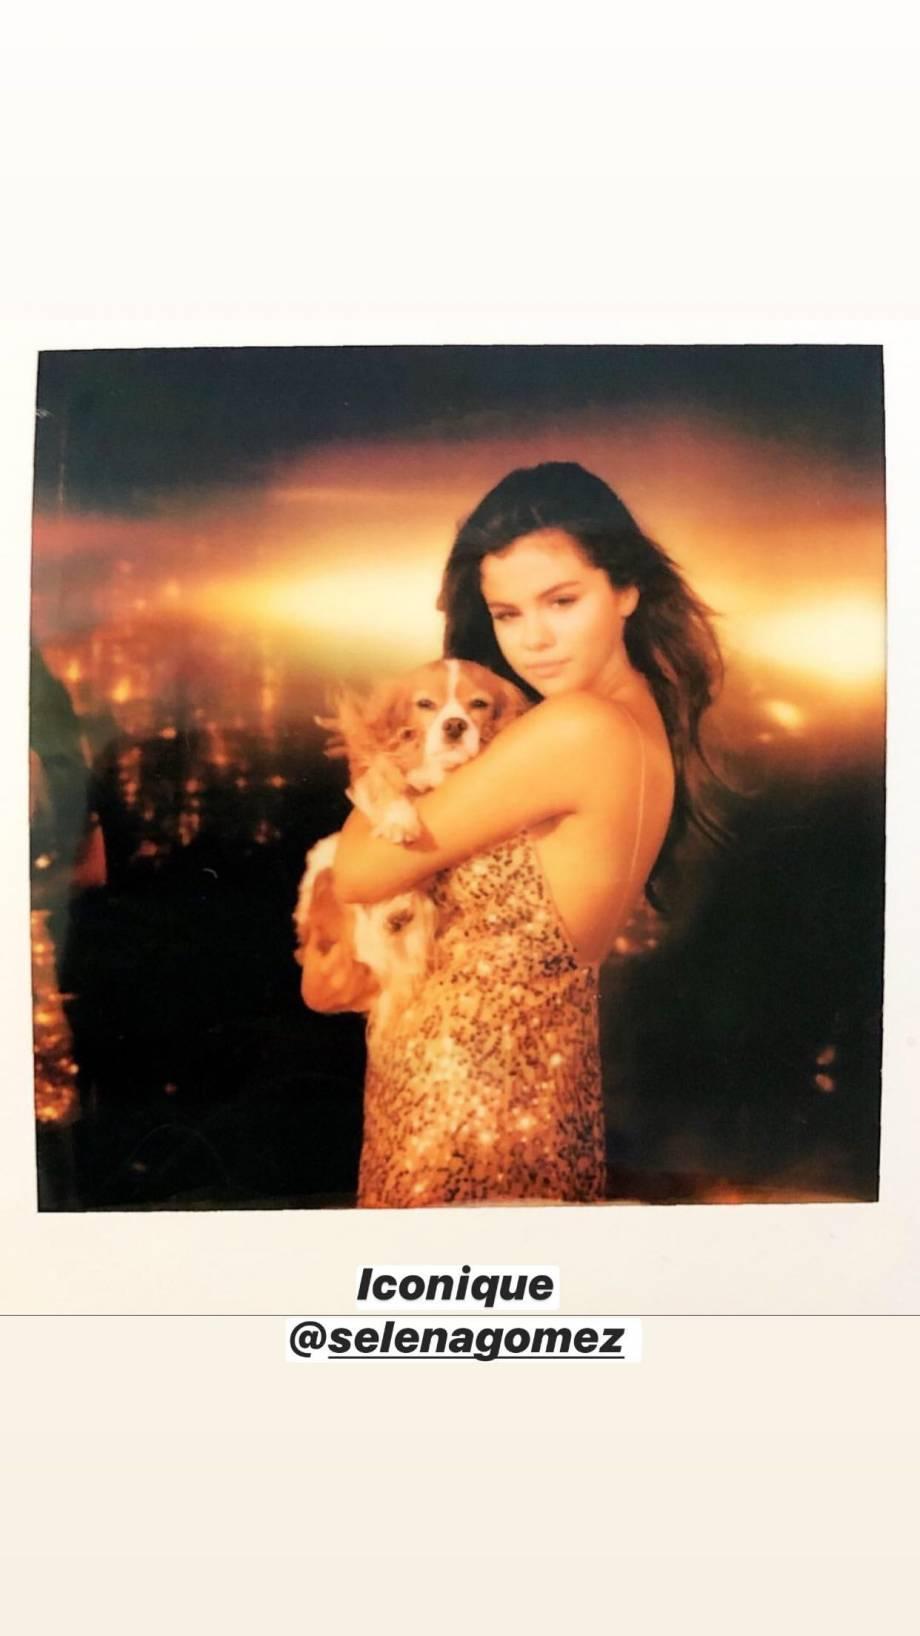 Selena Gomez 2020 : Selena Gomez – Social media-80